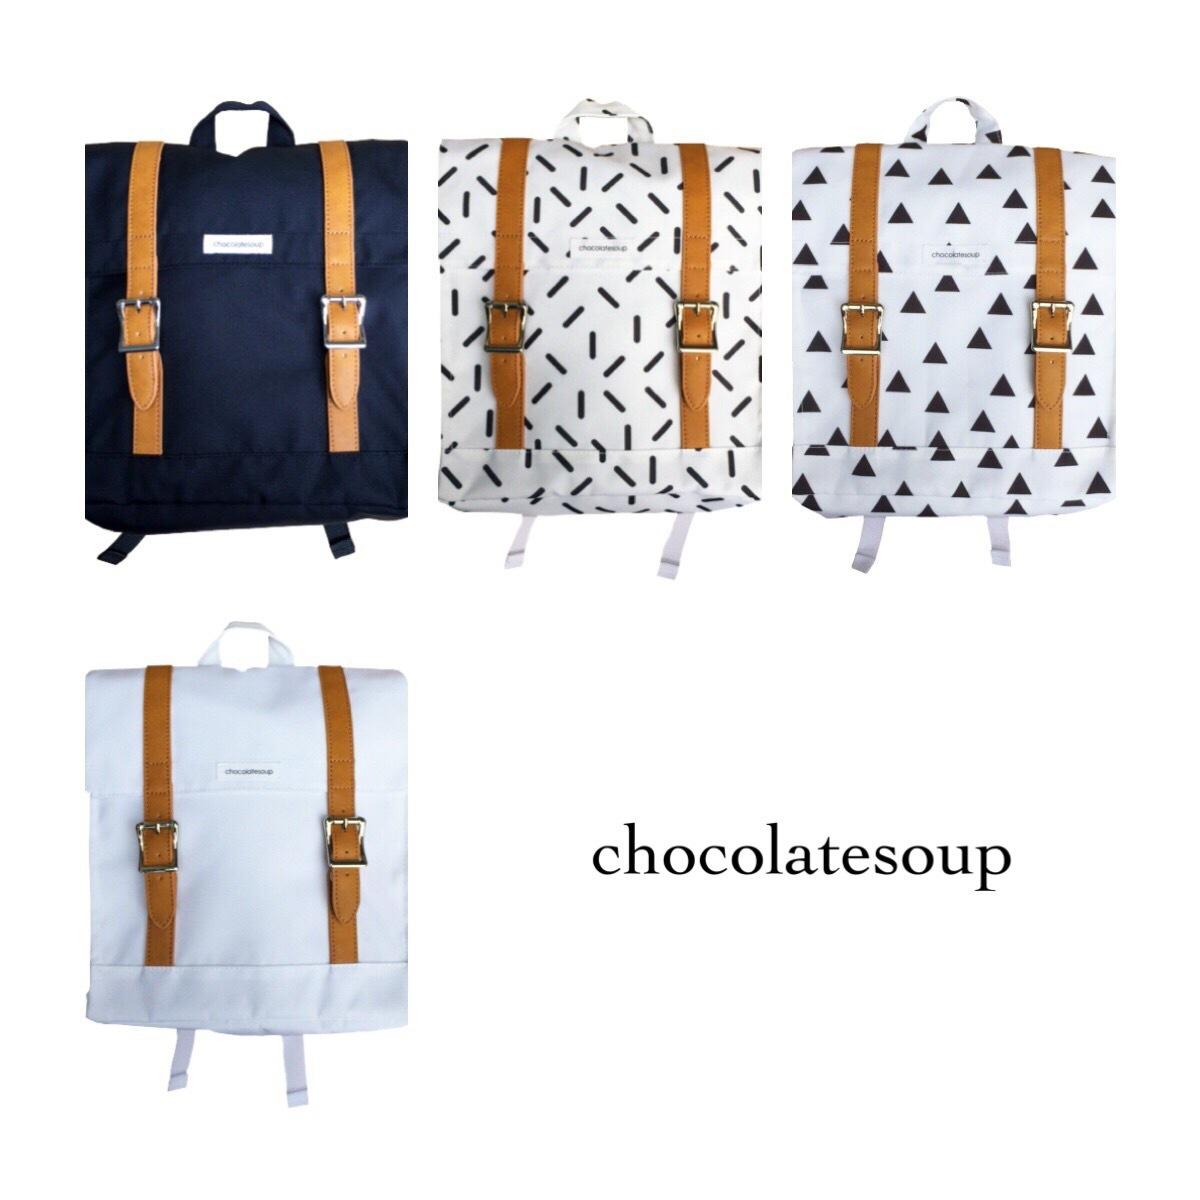 【再入荷】 chocolatesoup リュック チョコレートスープ